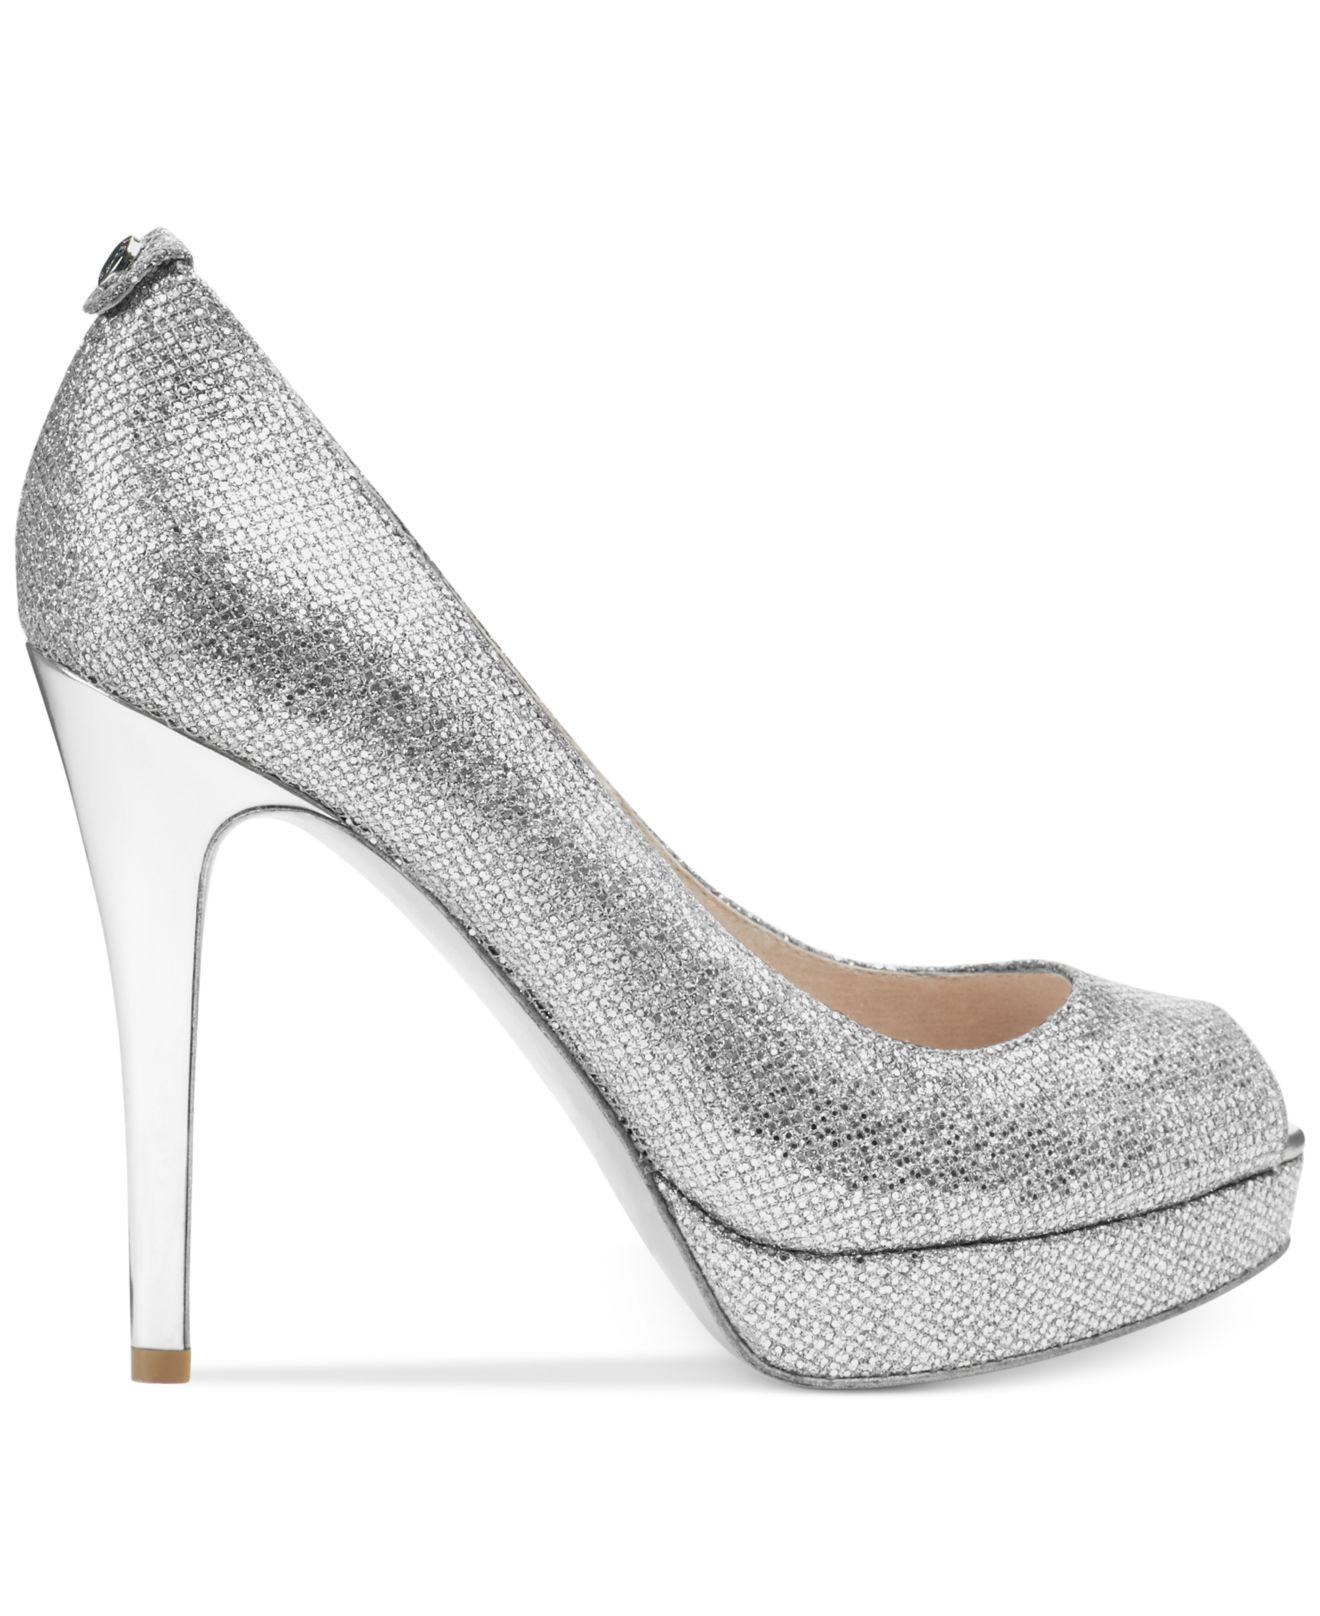 Silver Glitter Pumps Low Heel